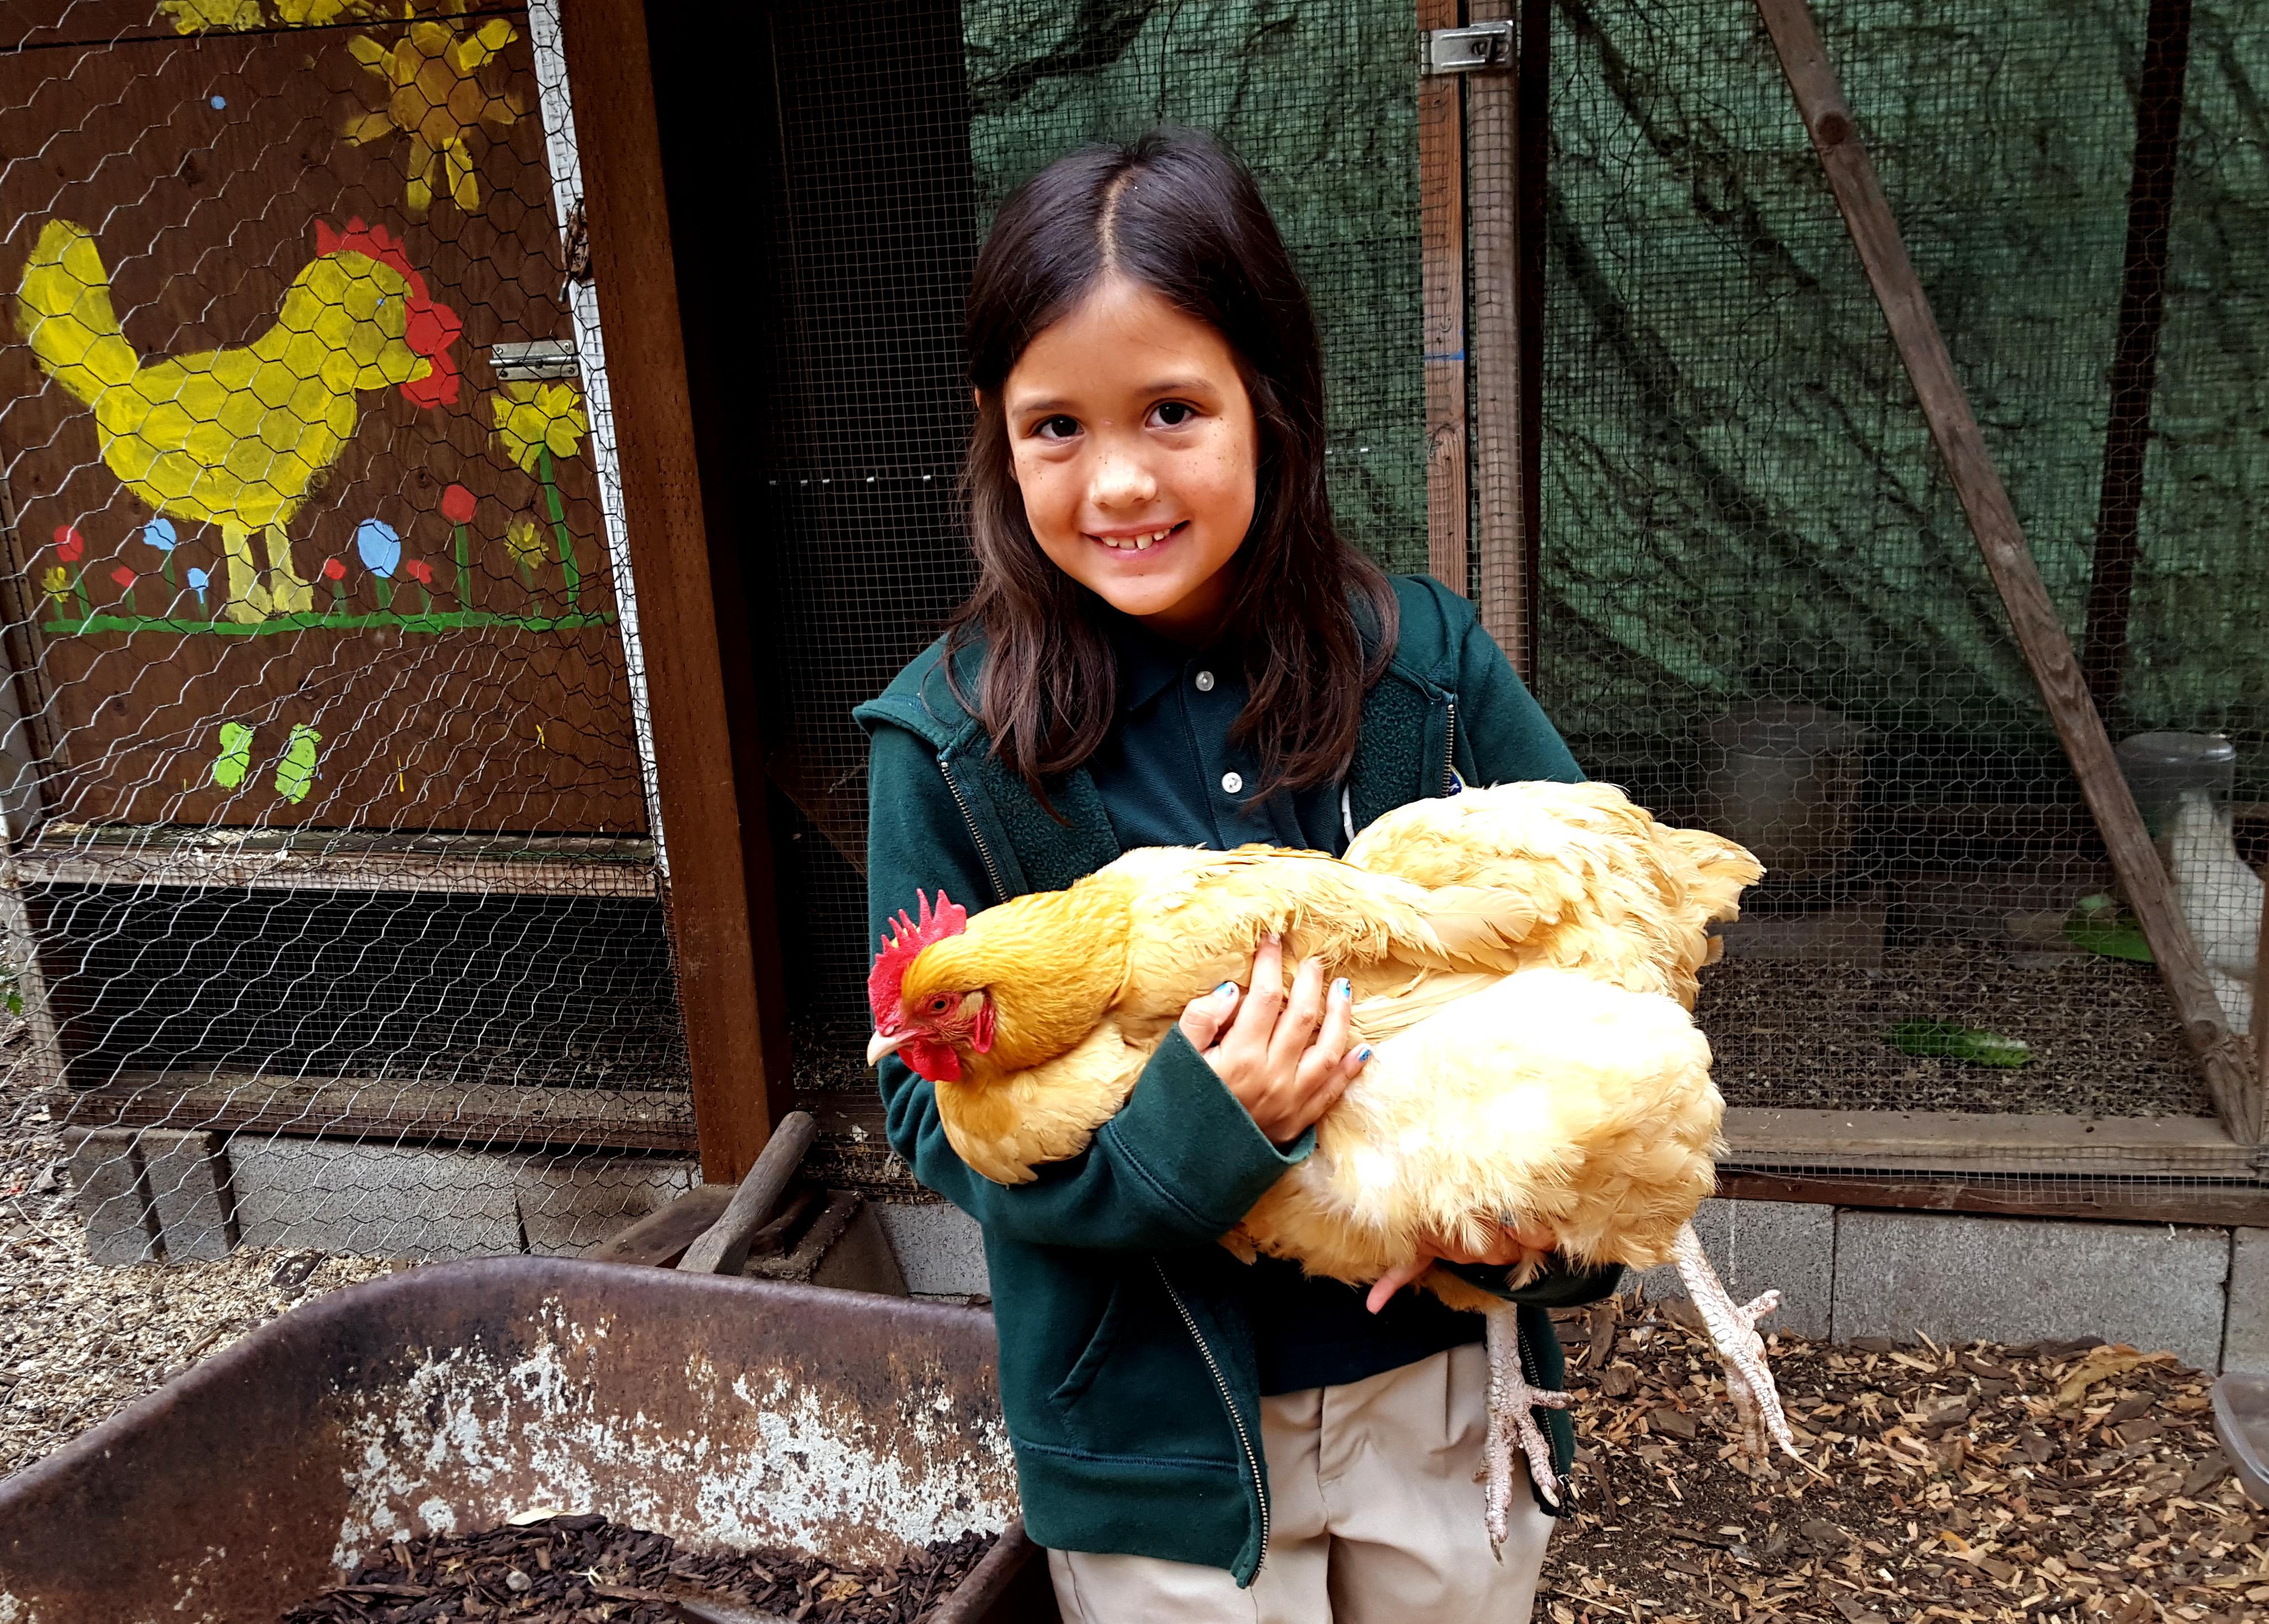 chickens_maezy_goldie_630x451